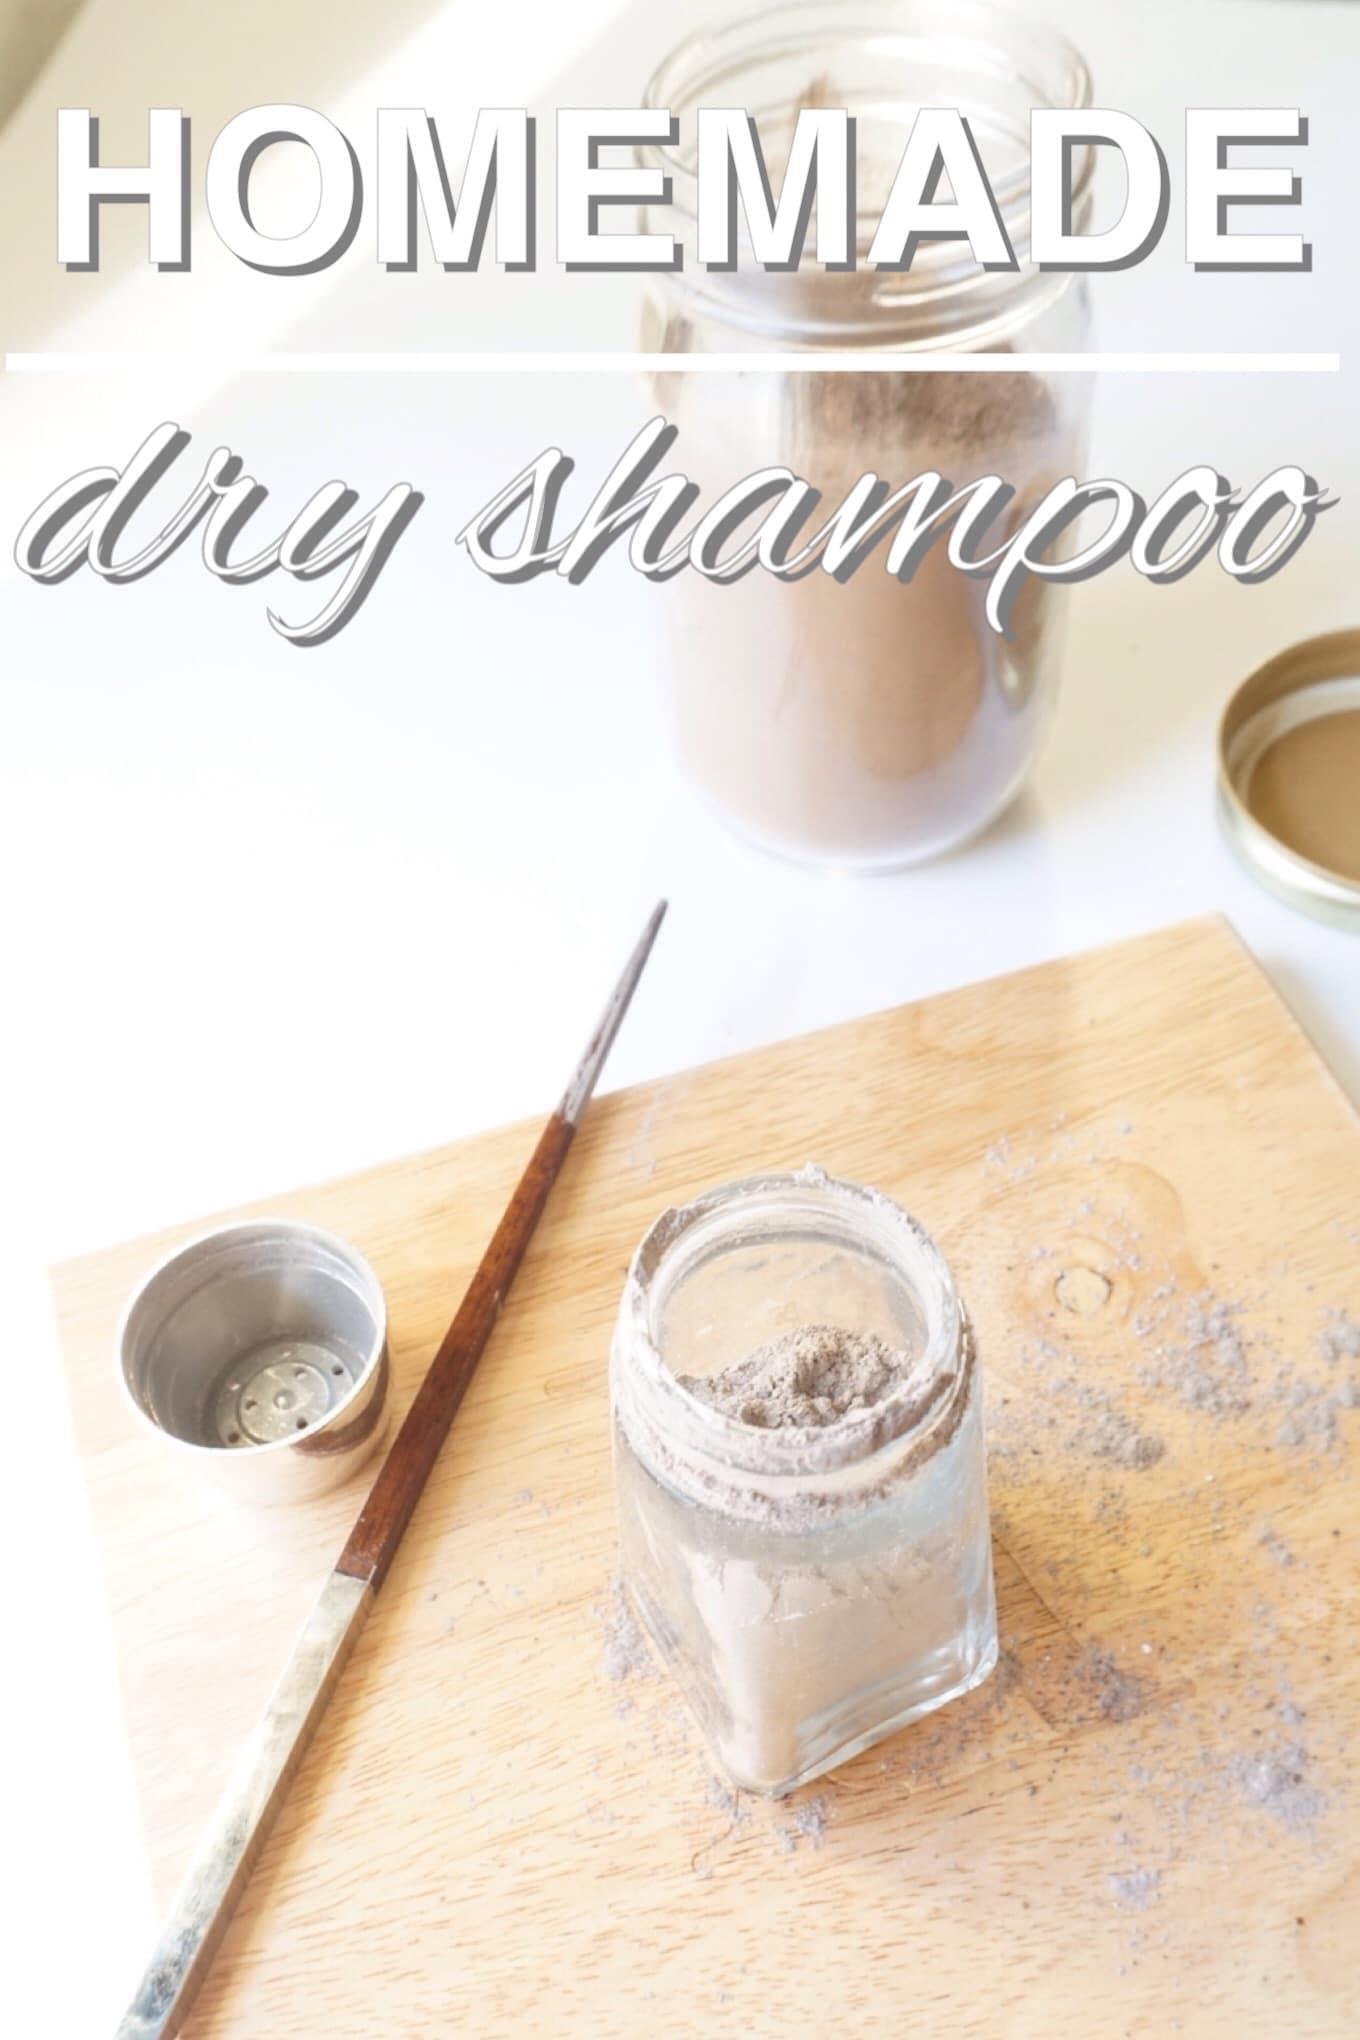 DIY Homemade Dry Shampoo